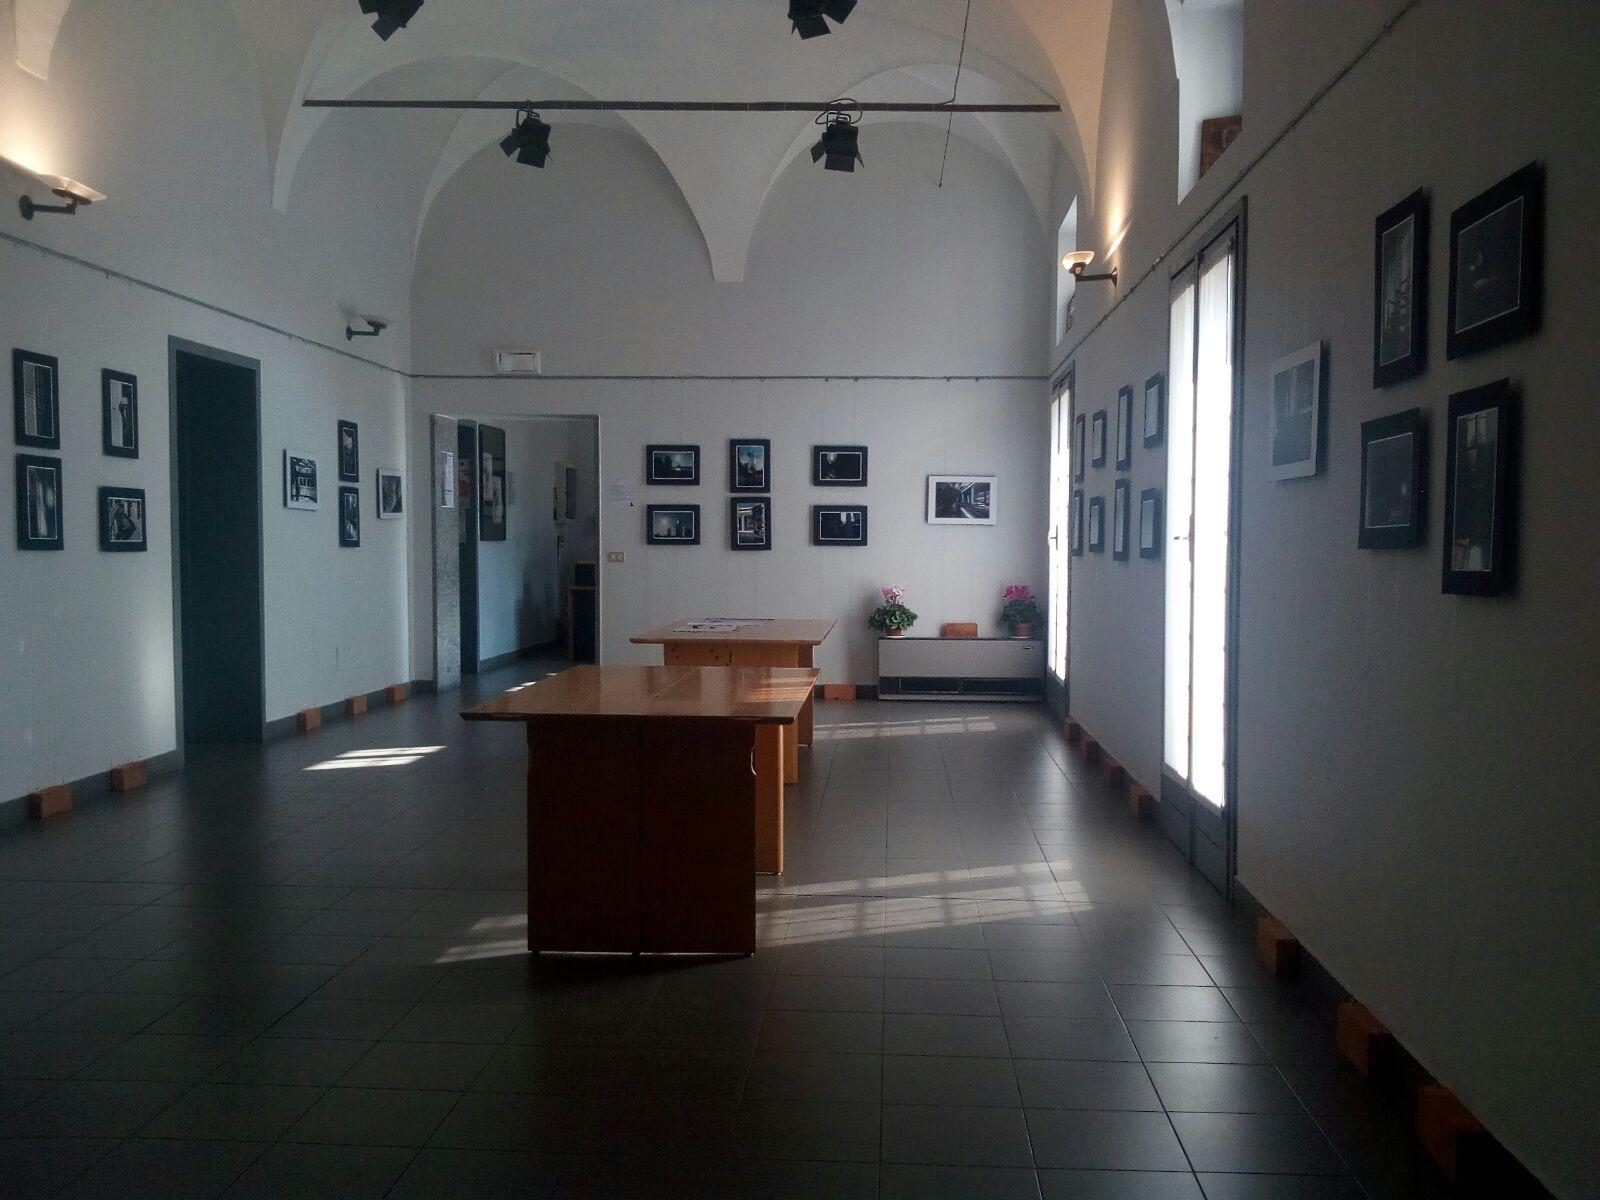 Galleria di Cascina Roma, San Donato Milanese